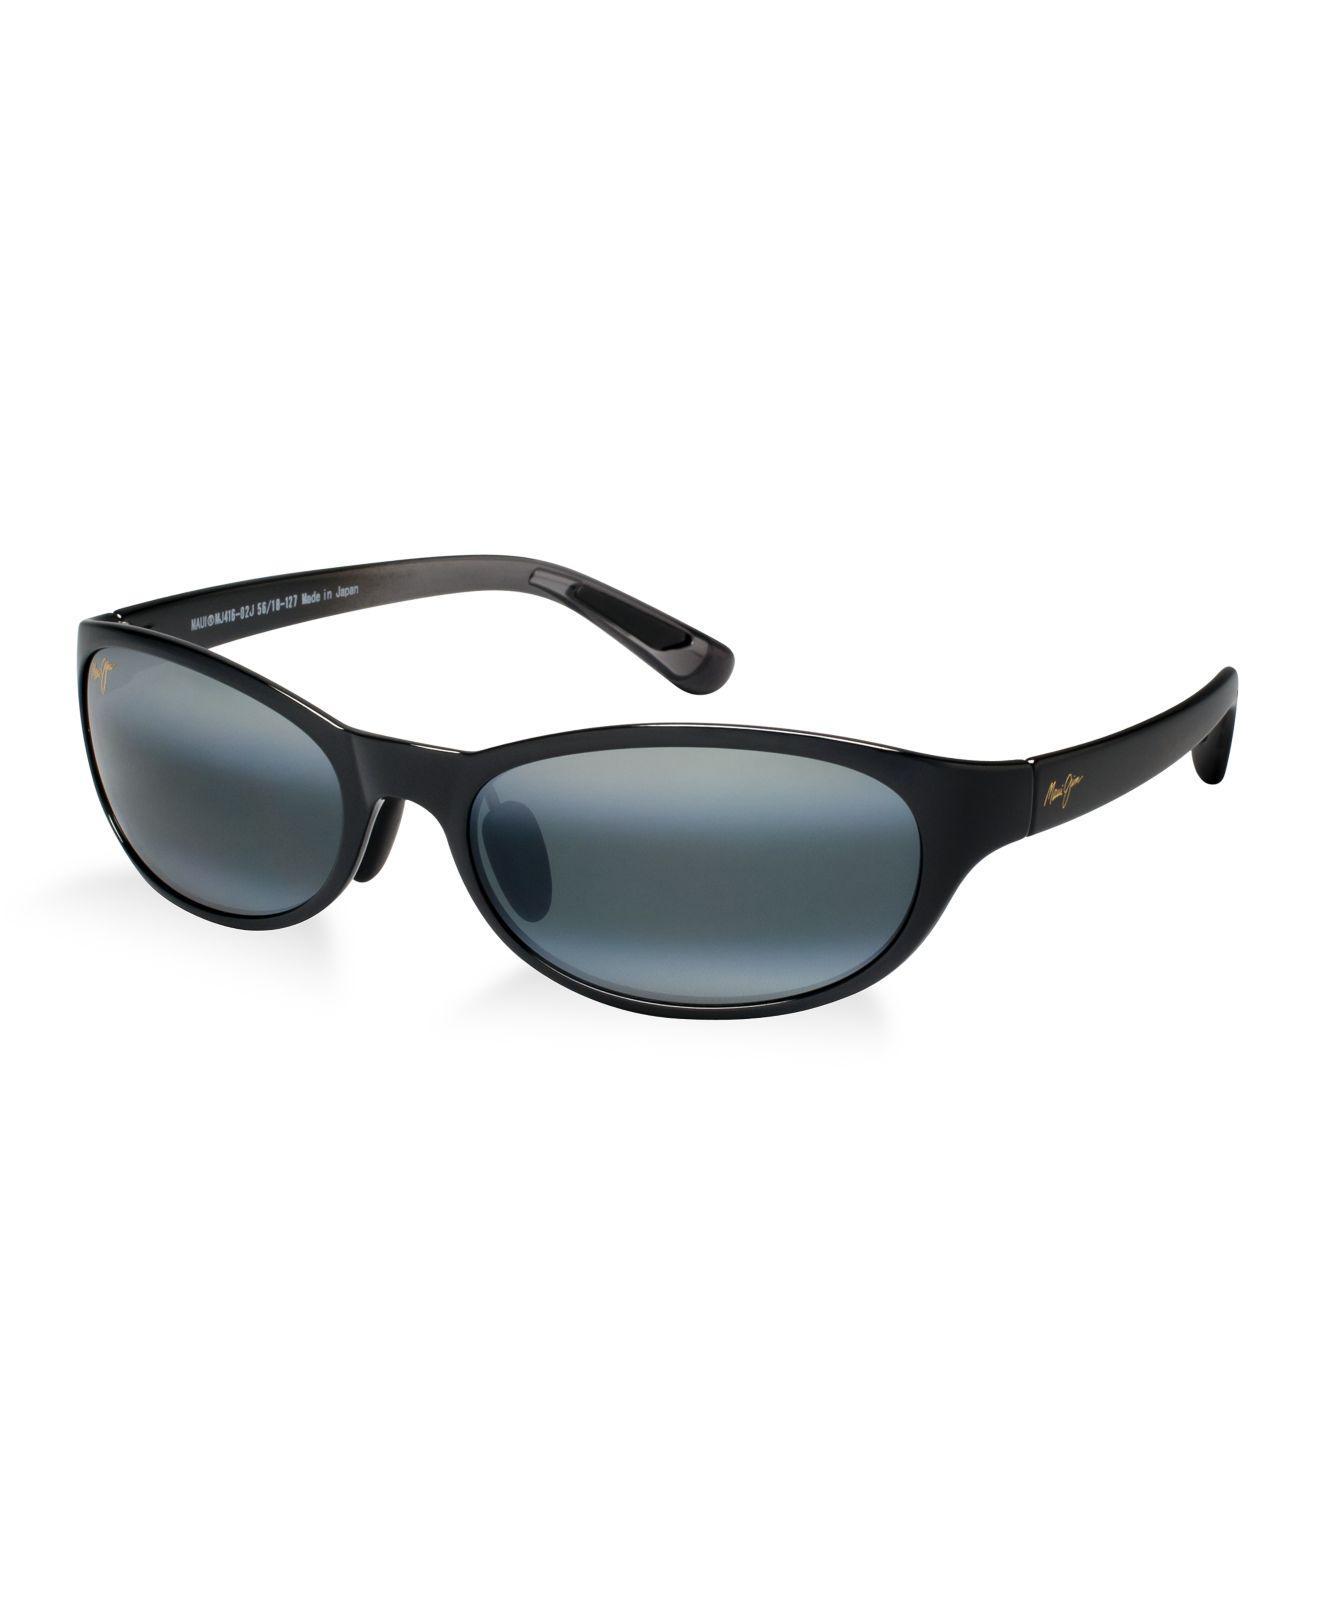 10f3b75daa3 Maui Jim. Women s Black Sunglasses